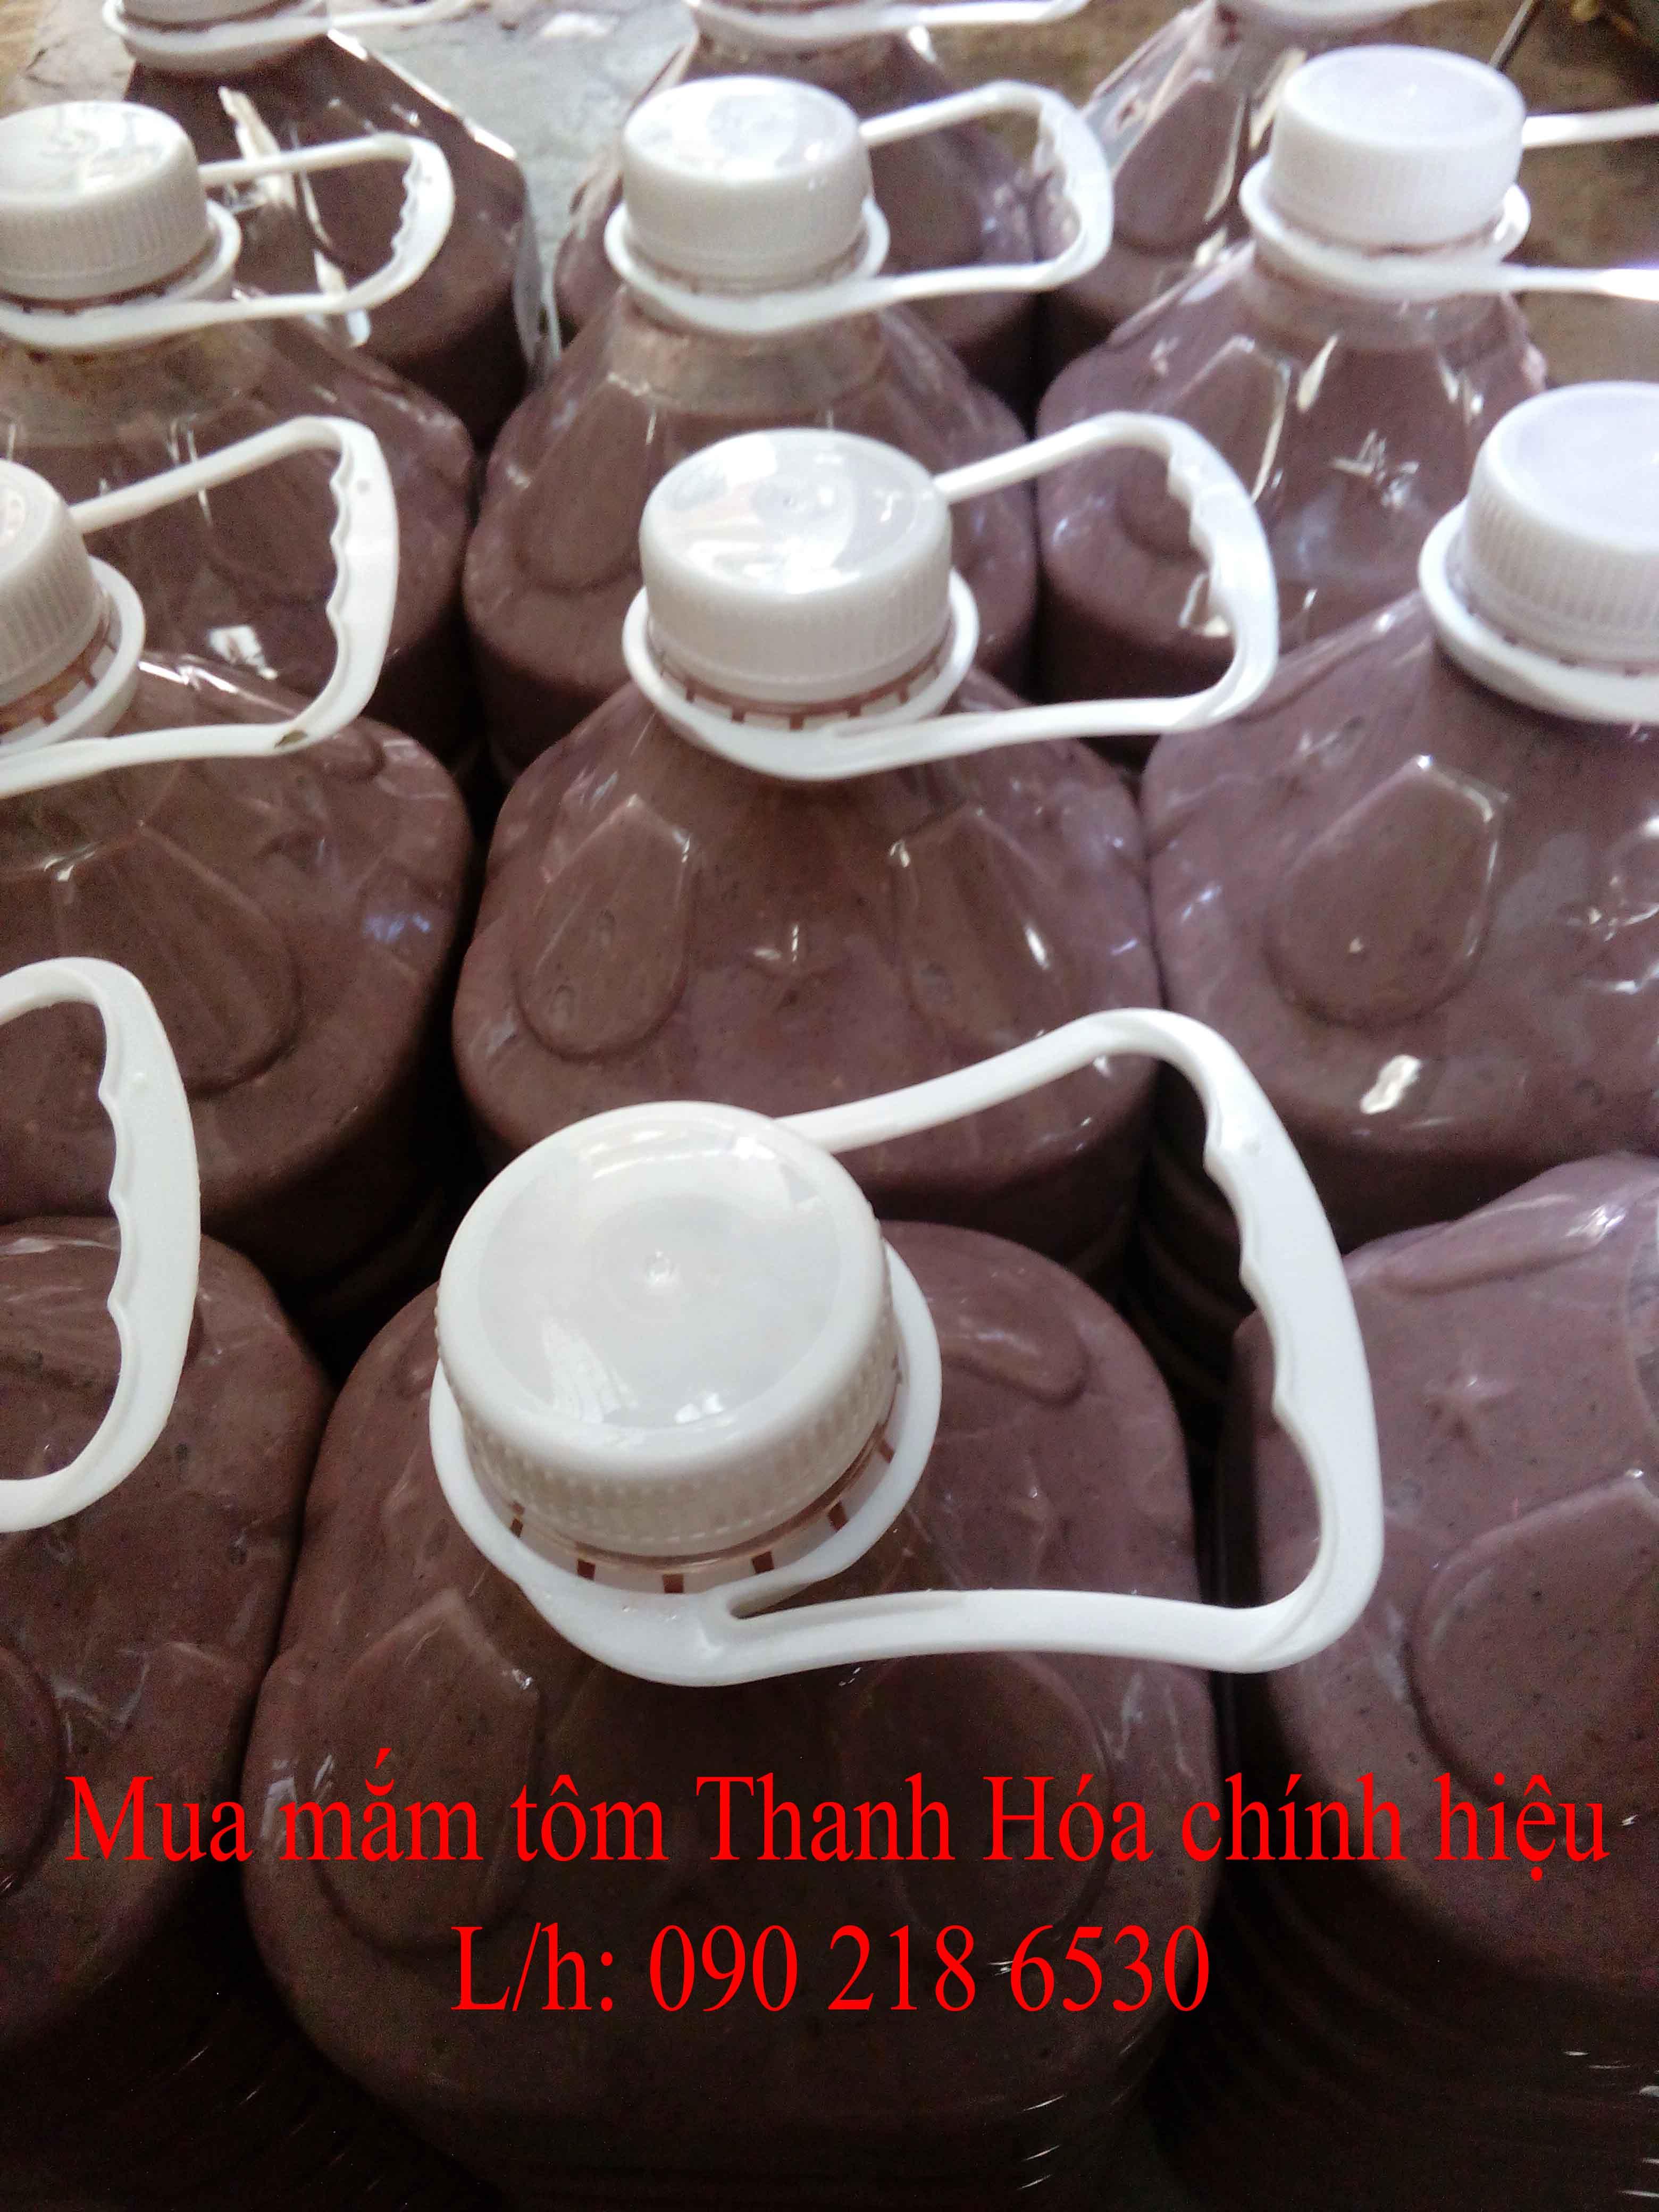 Nước mắm trong mâm cơm gia đình Việt Nam